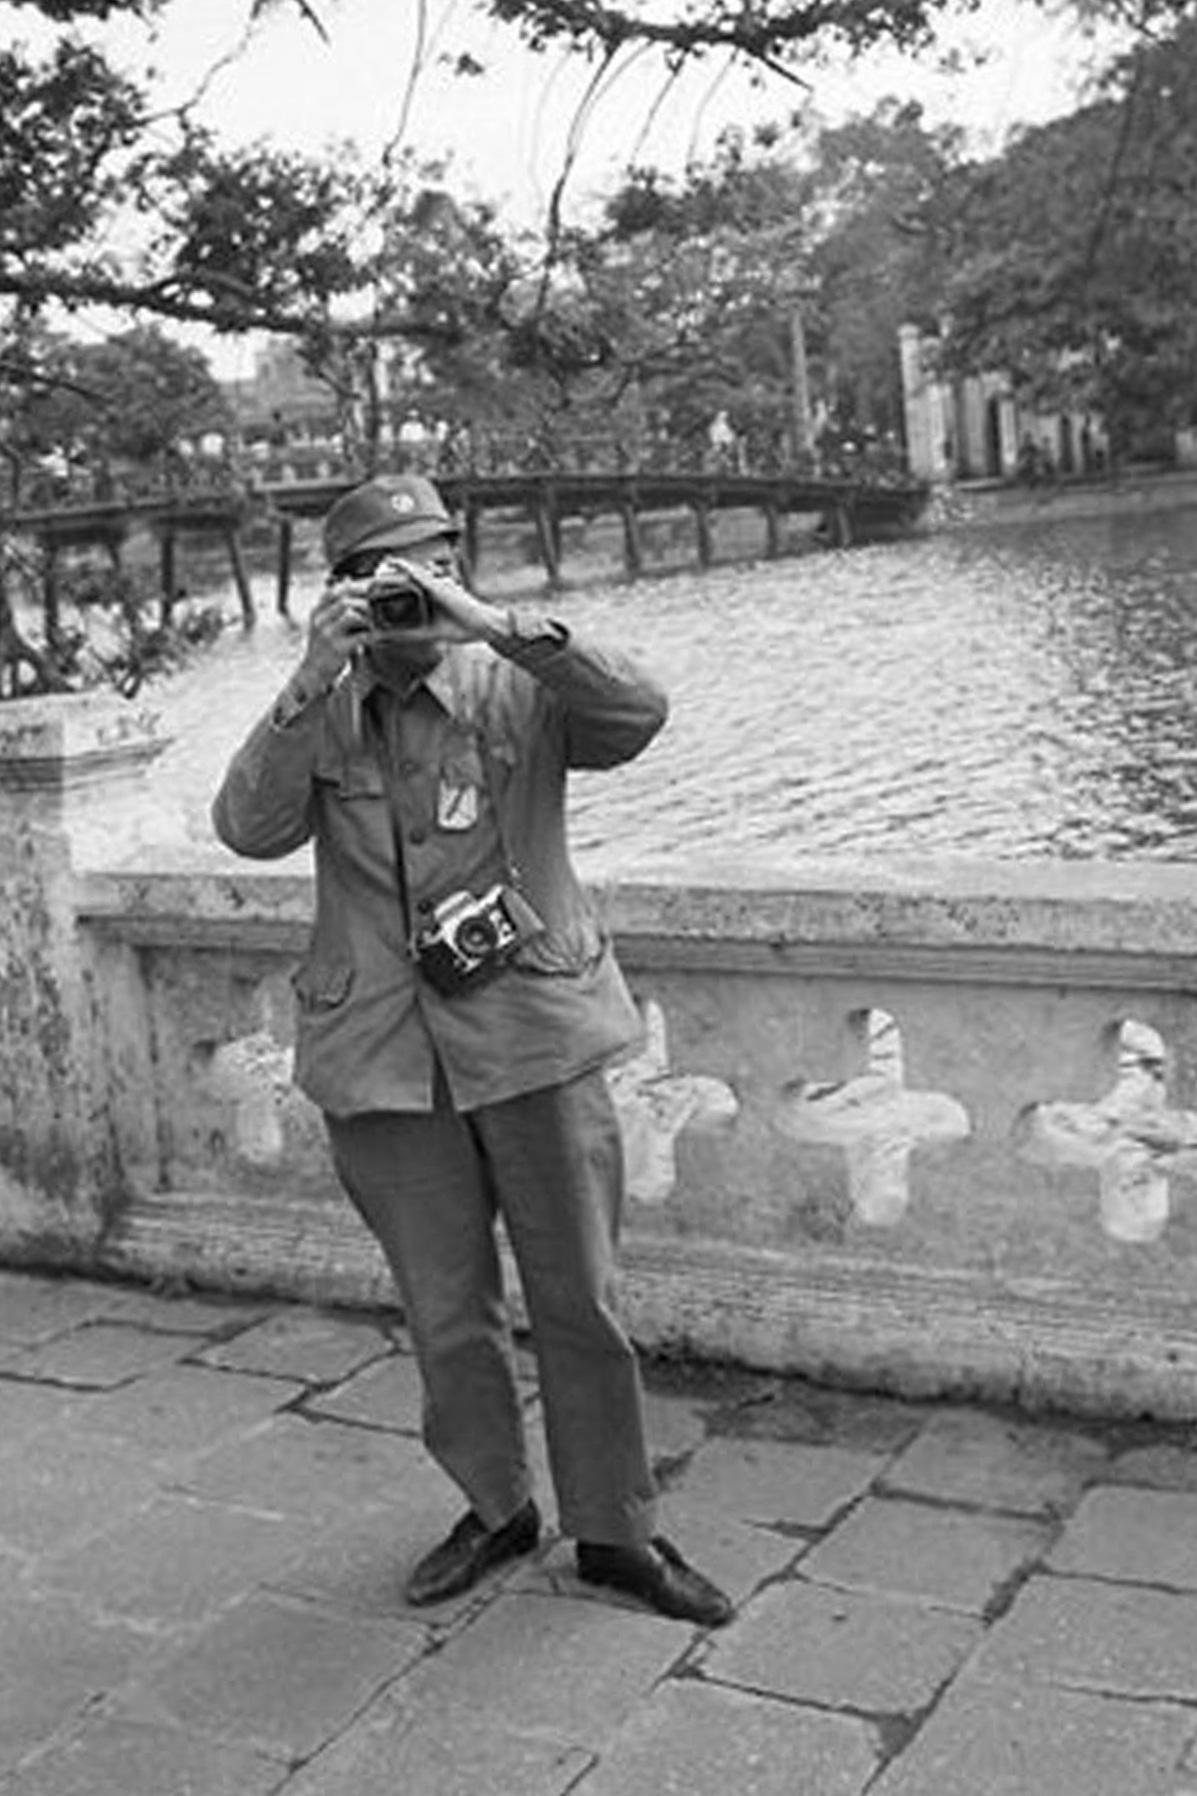 Hồ Gươm đối lập sau nửa thế kỷ qua ảnh tư liệu của phóng viên AP - 13